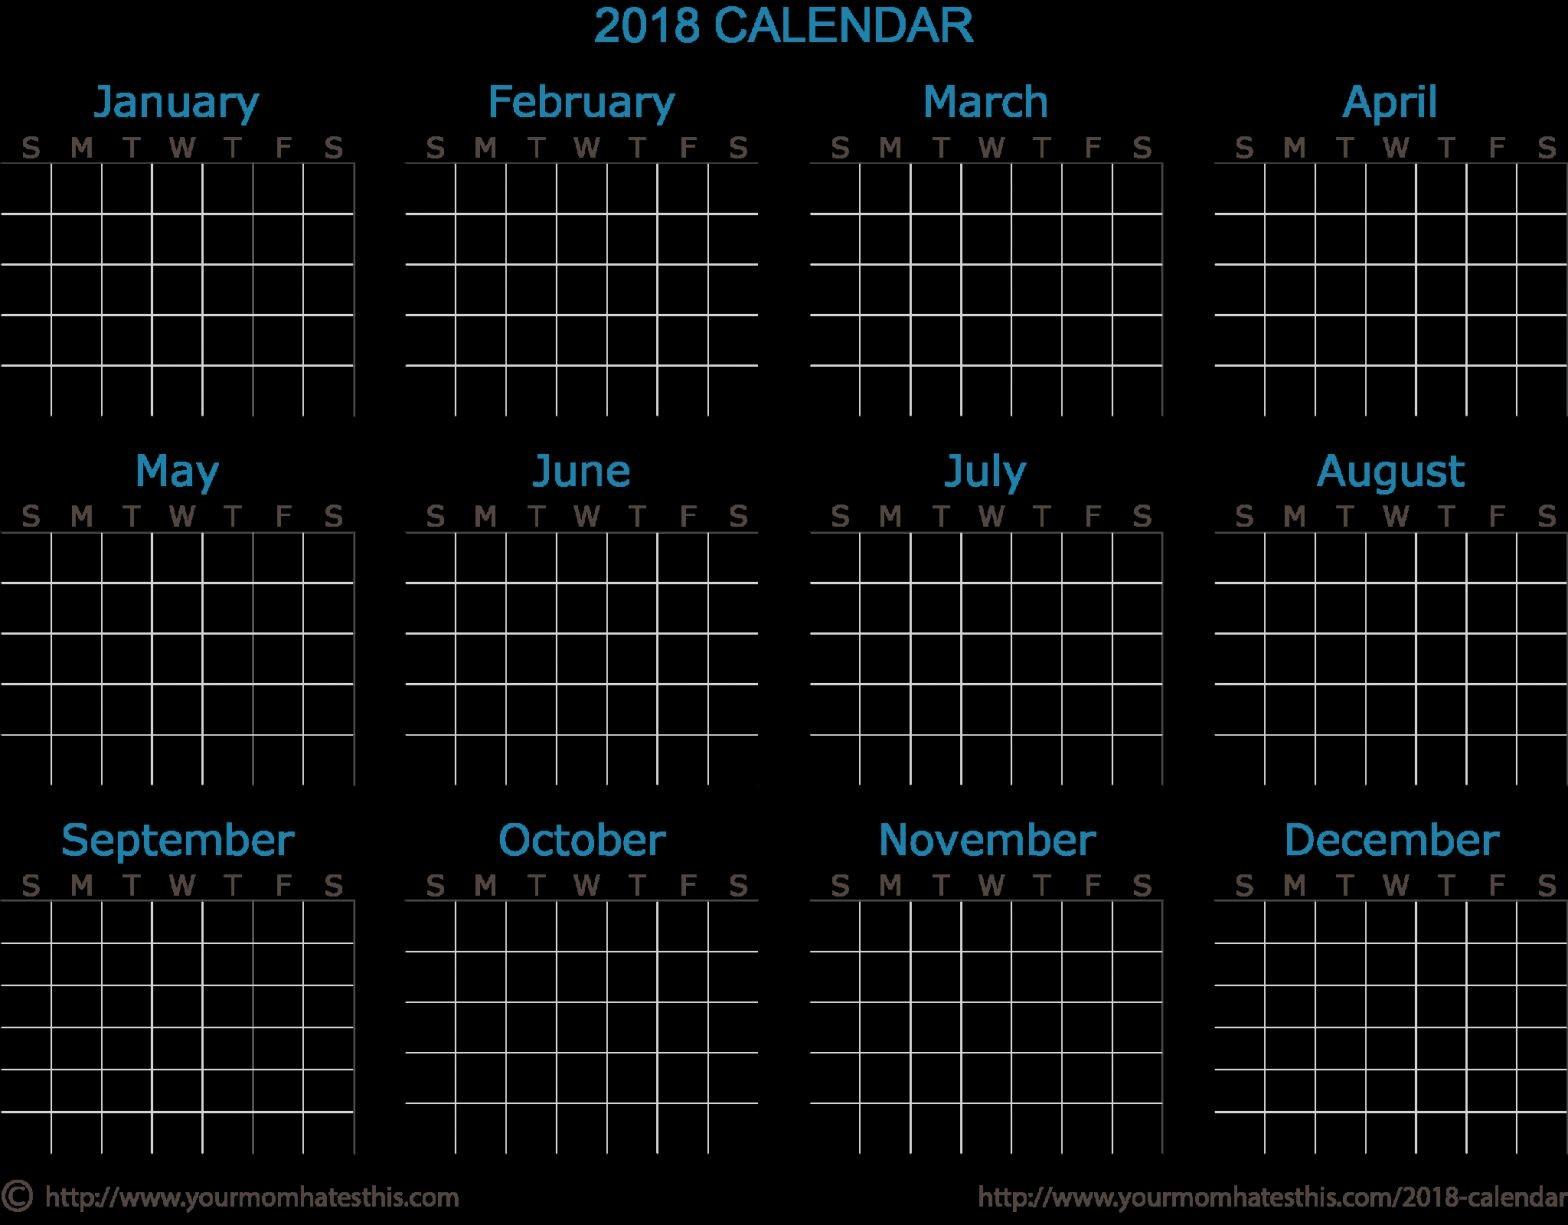 2048 Calendar 2018 Calendar Download Quality Calendars